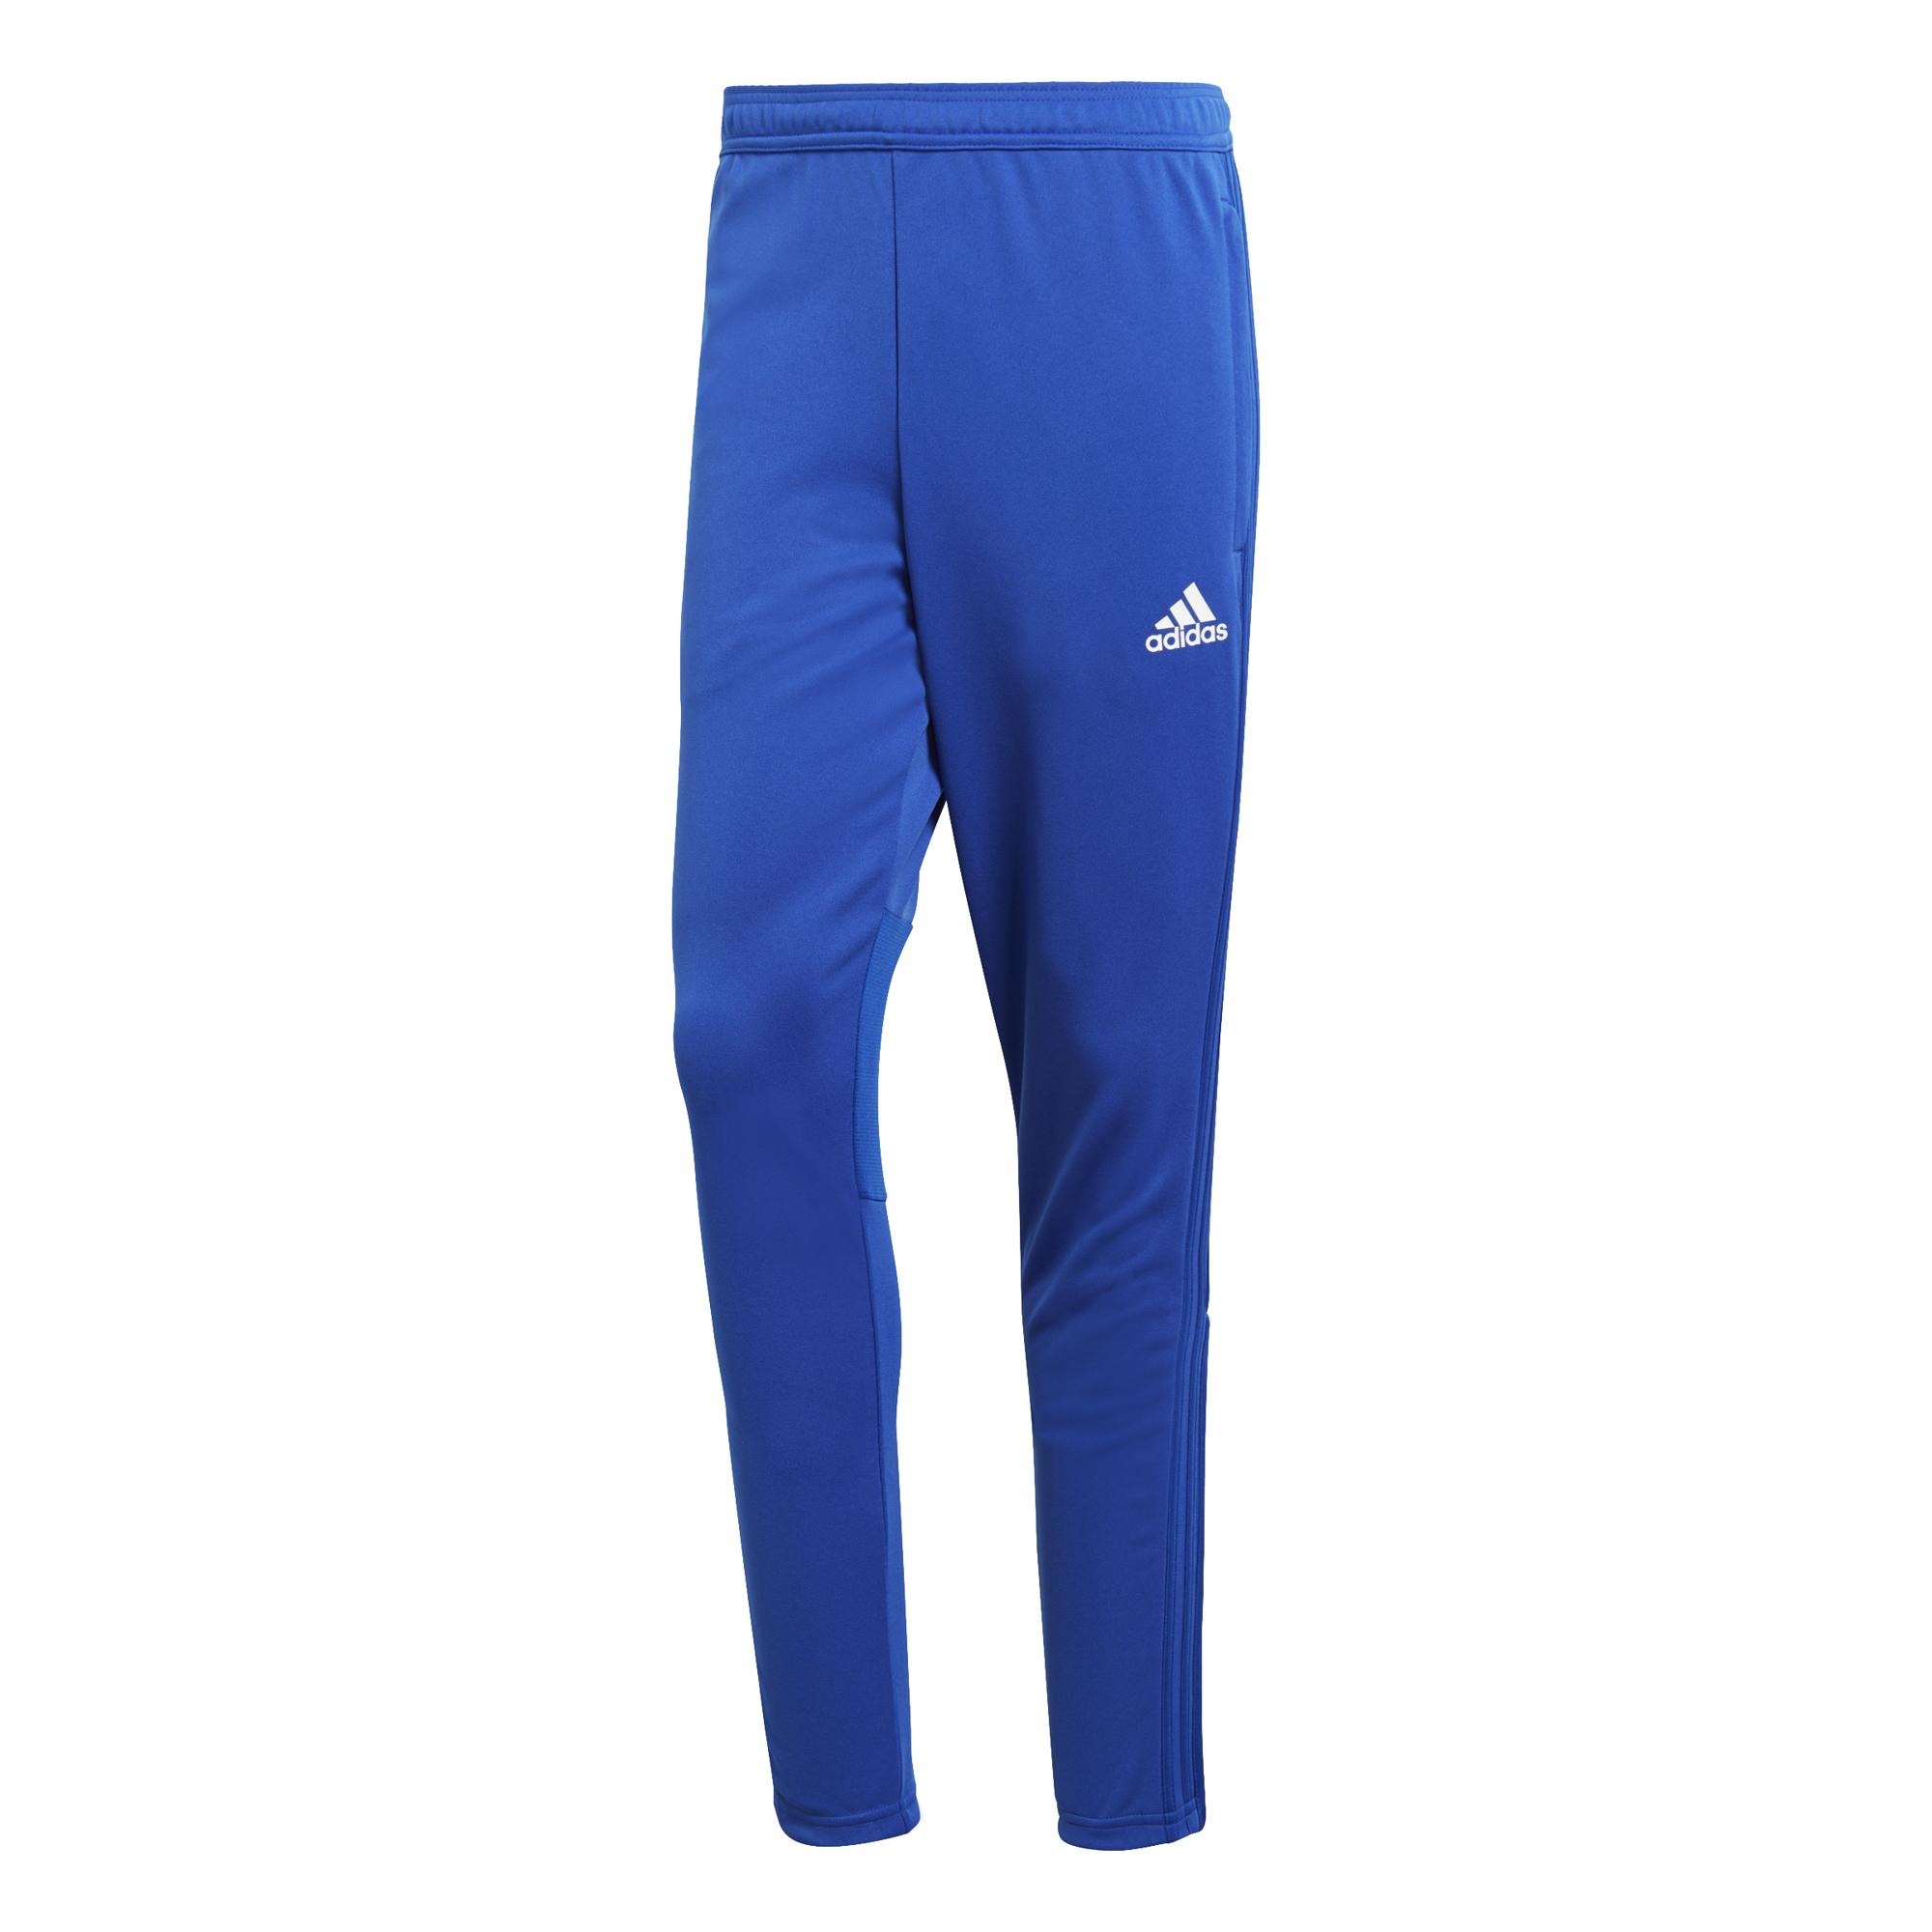 ADIDAS tréninkové kalhoty Condivo 18